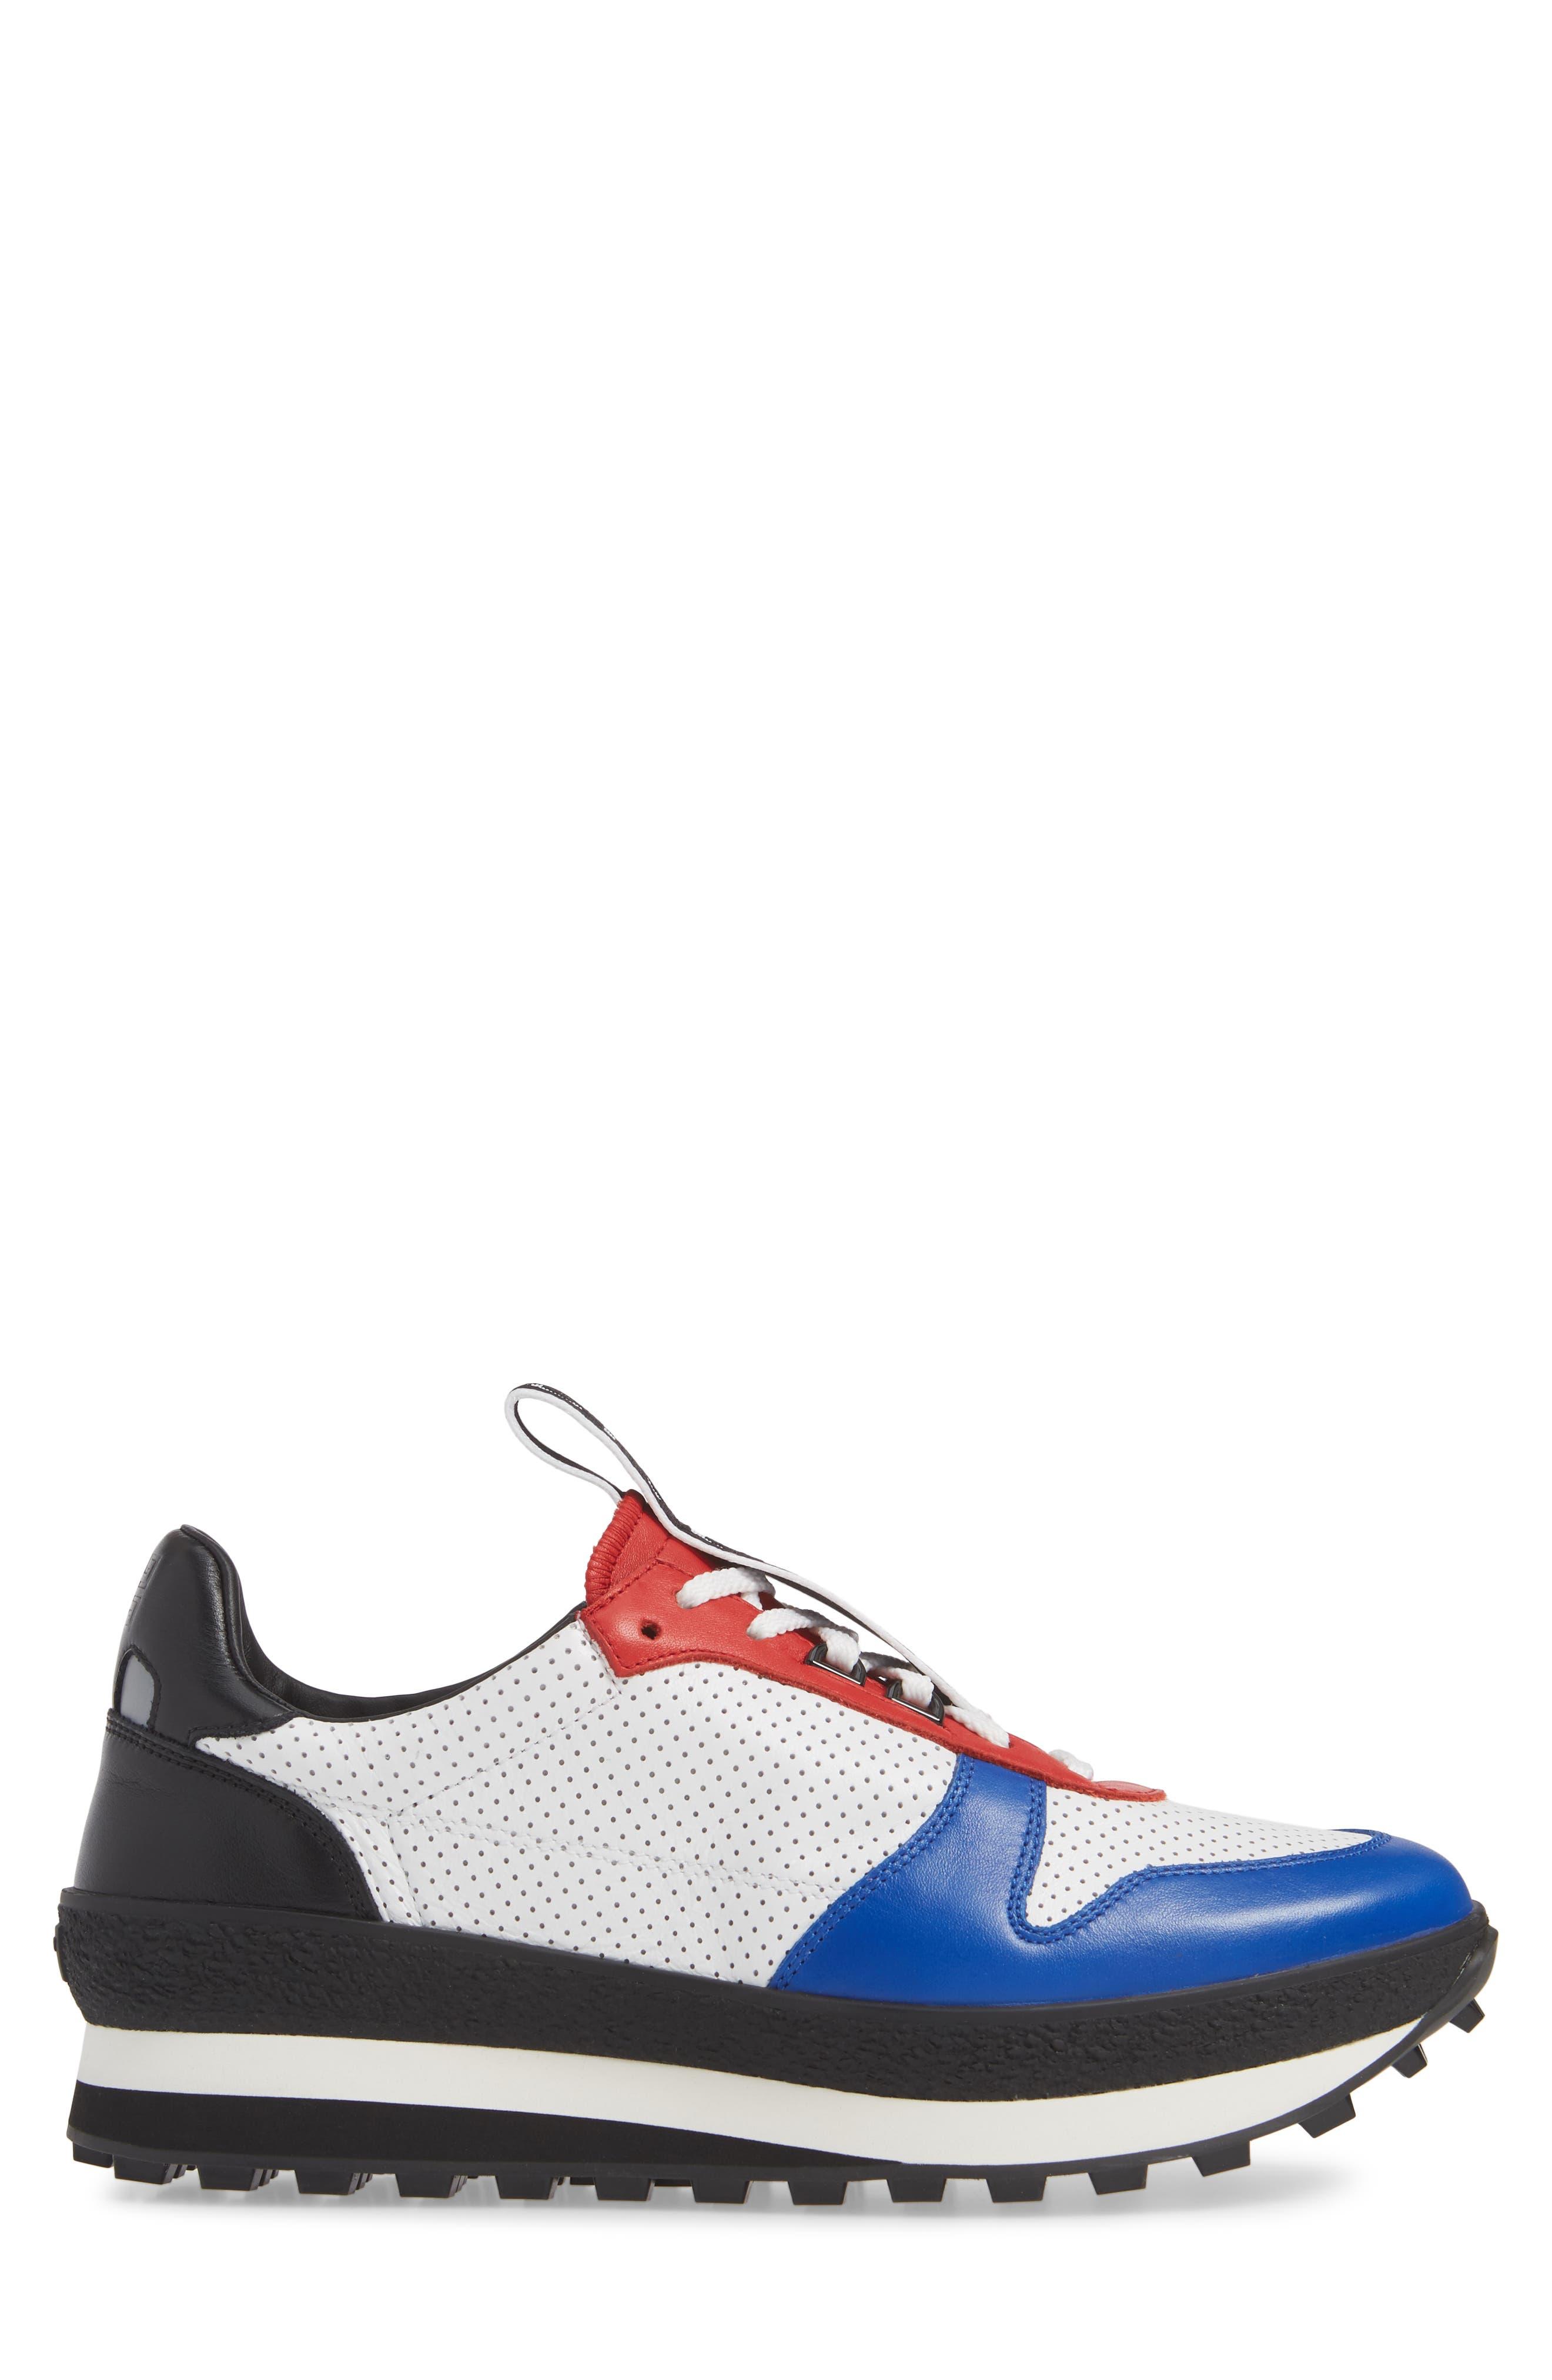 TR3 Low Runner Sneaker,                             Alternate thumbnail 3, color,                             WHITE/ RED/ BLACK